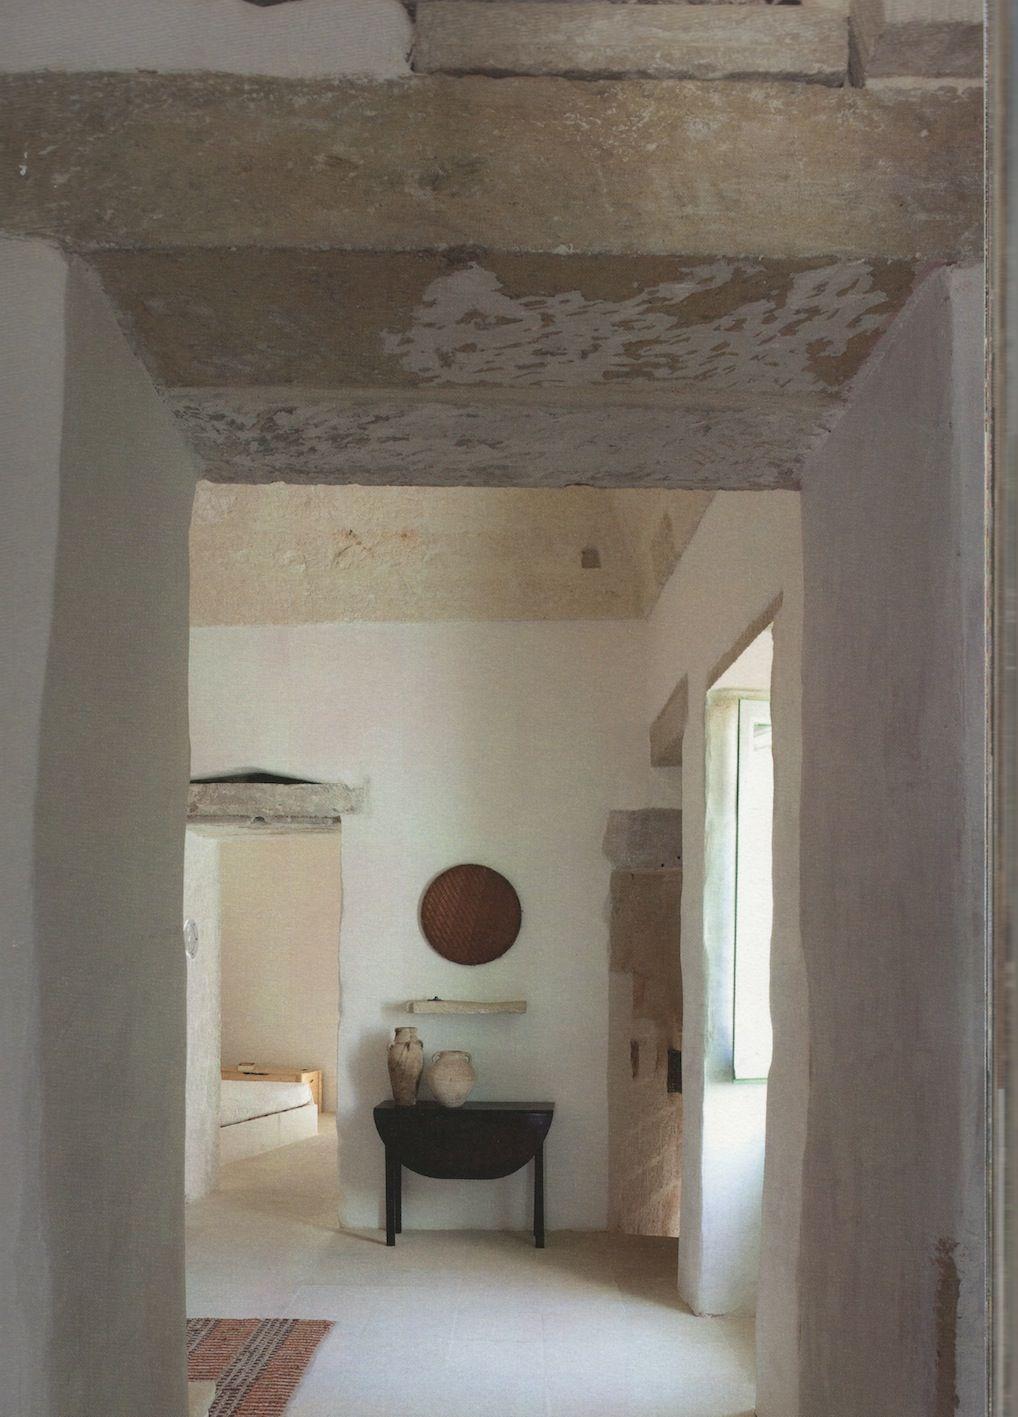 Living in Salento/Abitare il Salento by Patrizia Piccoli & Cristina Fiorentina - Idea Books